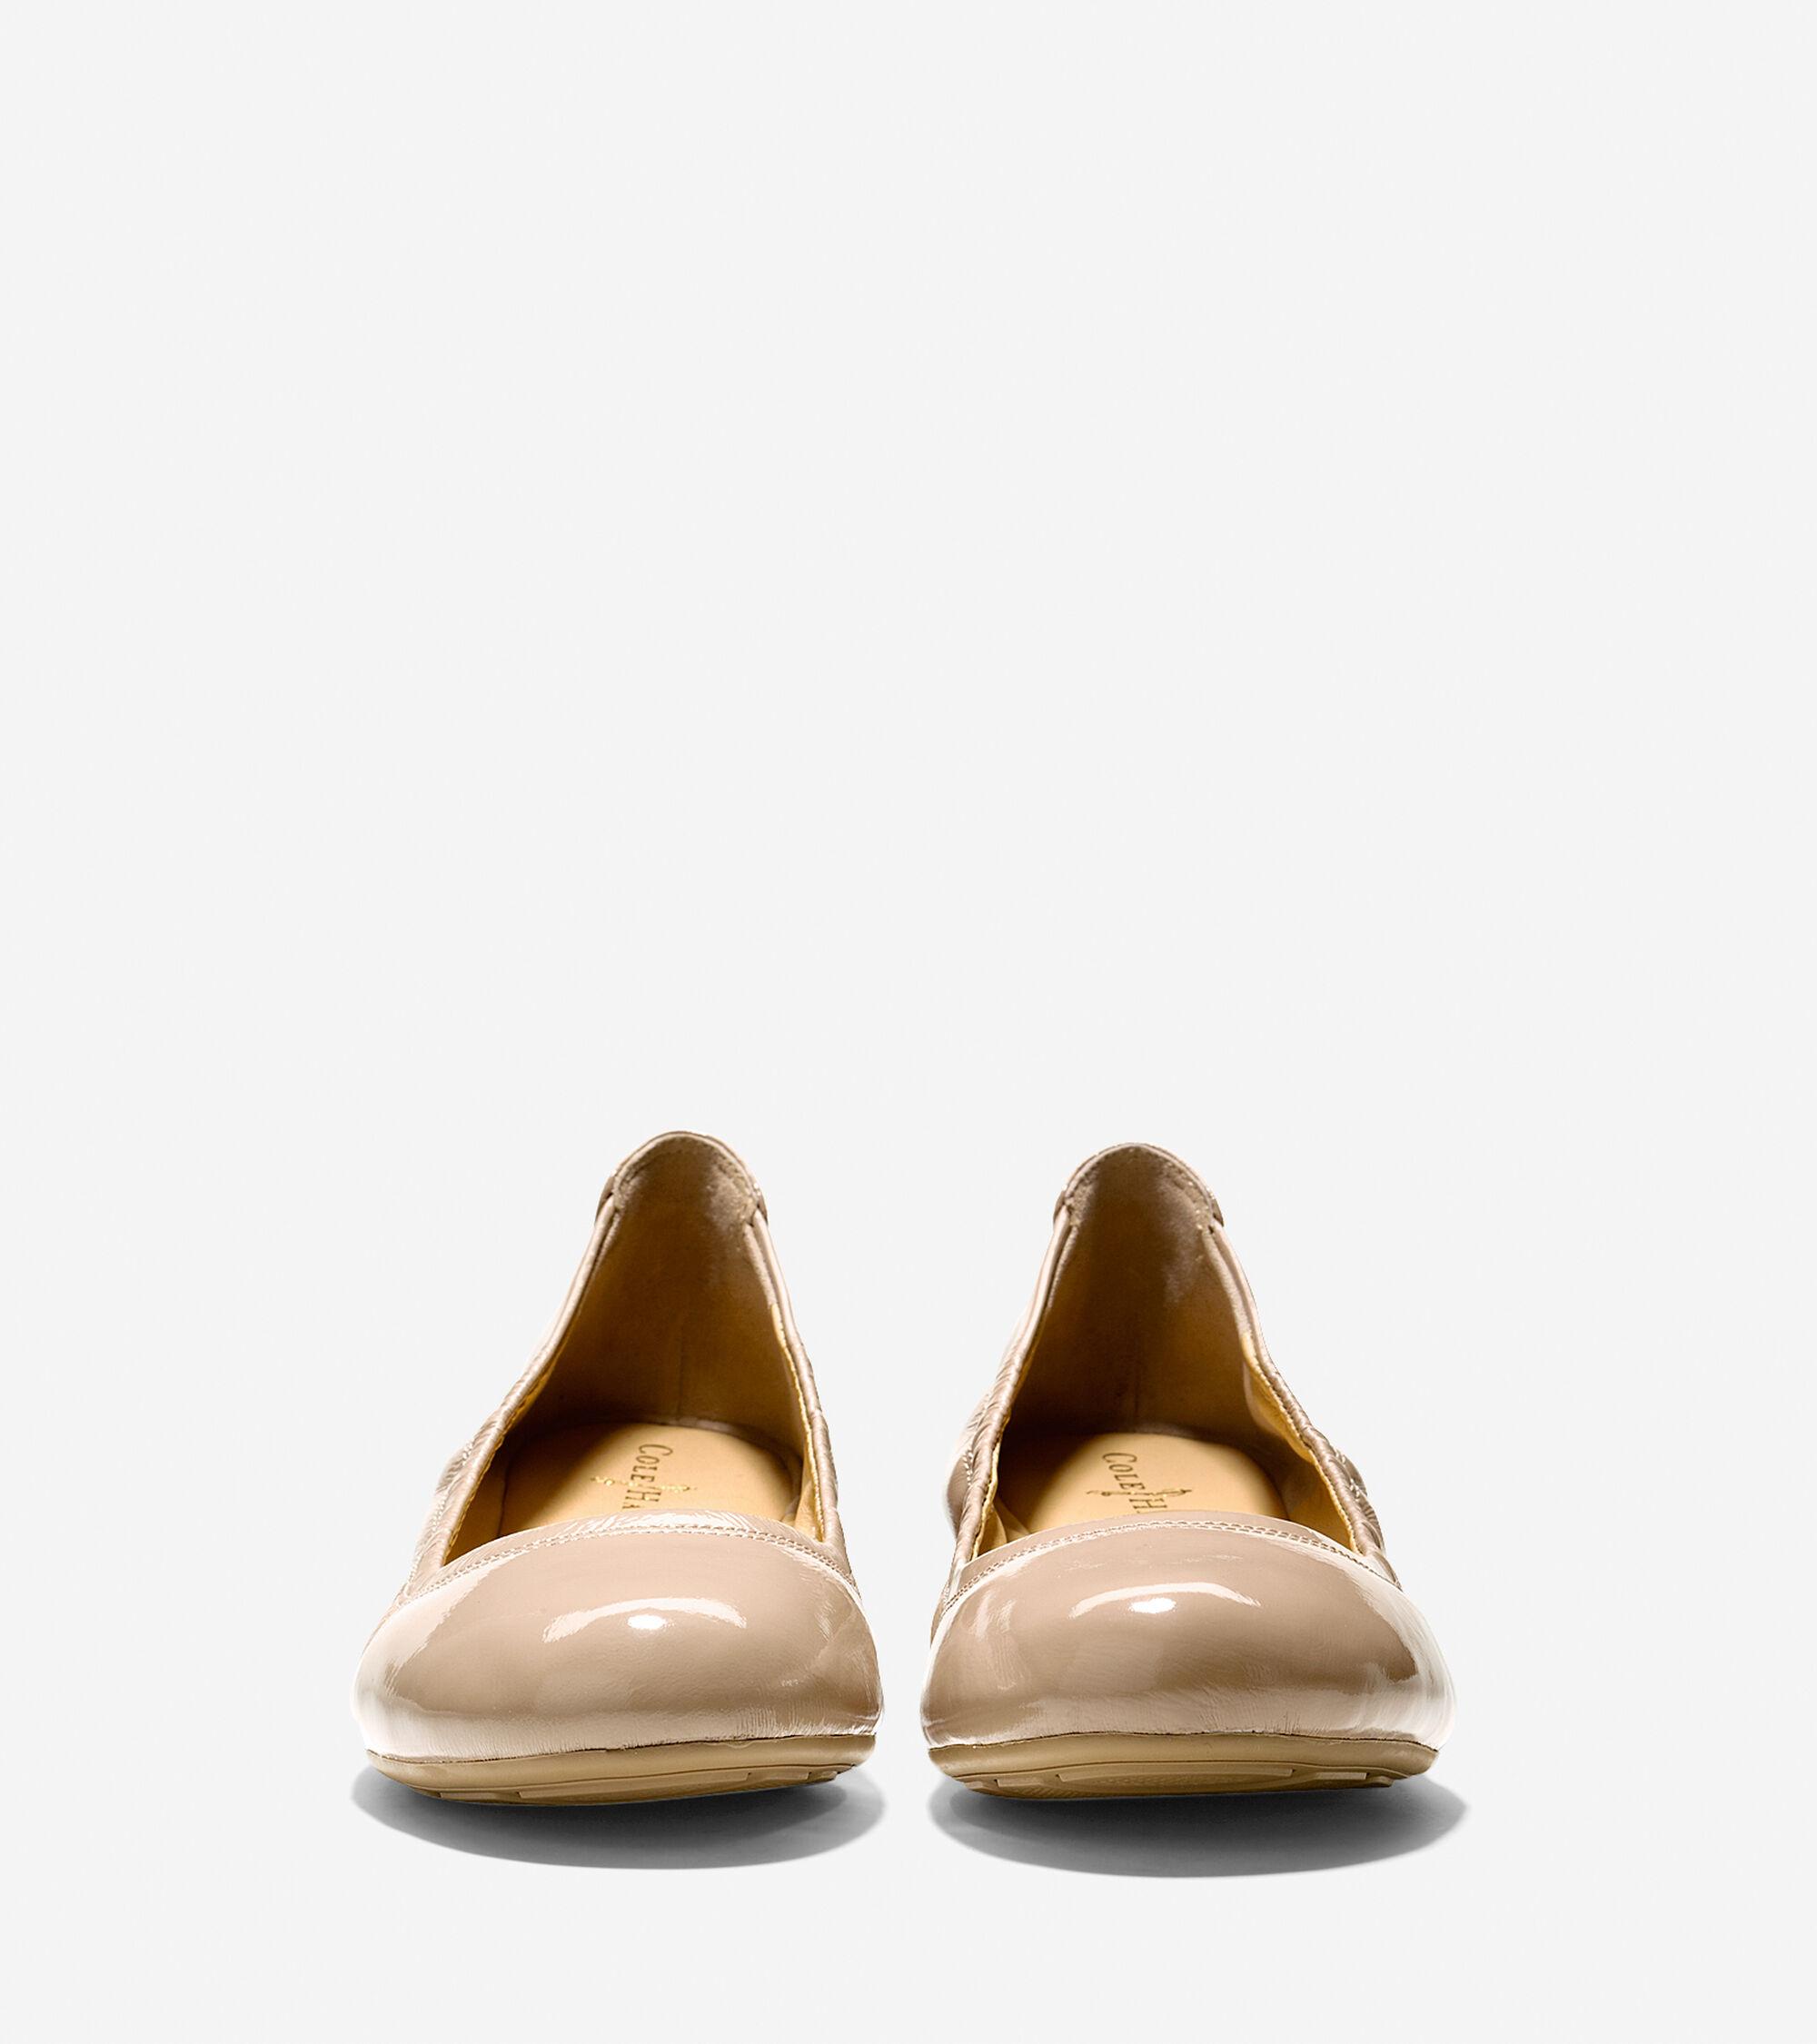 Manhattan Flats: Manhattan Ballet Flats In Sandstone Patent